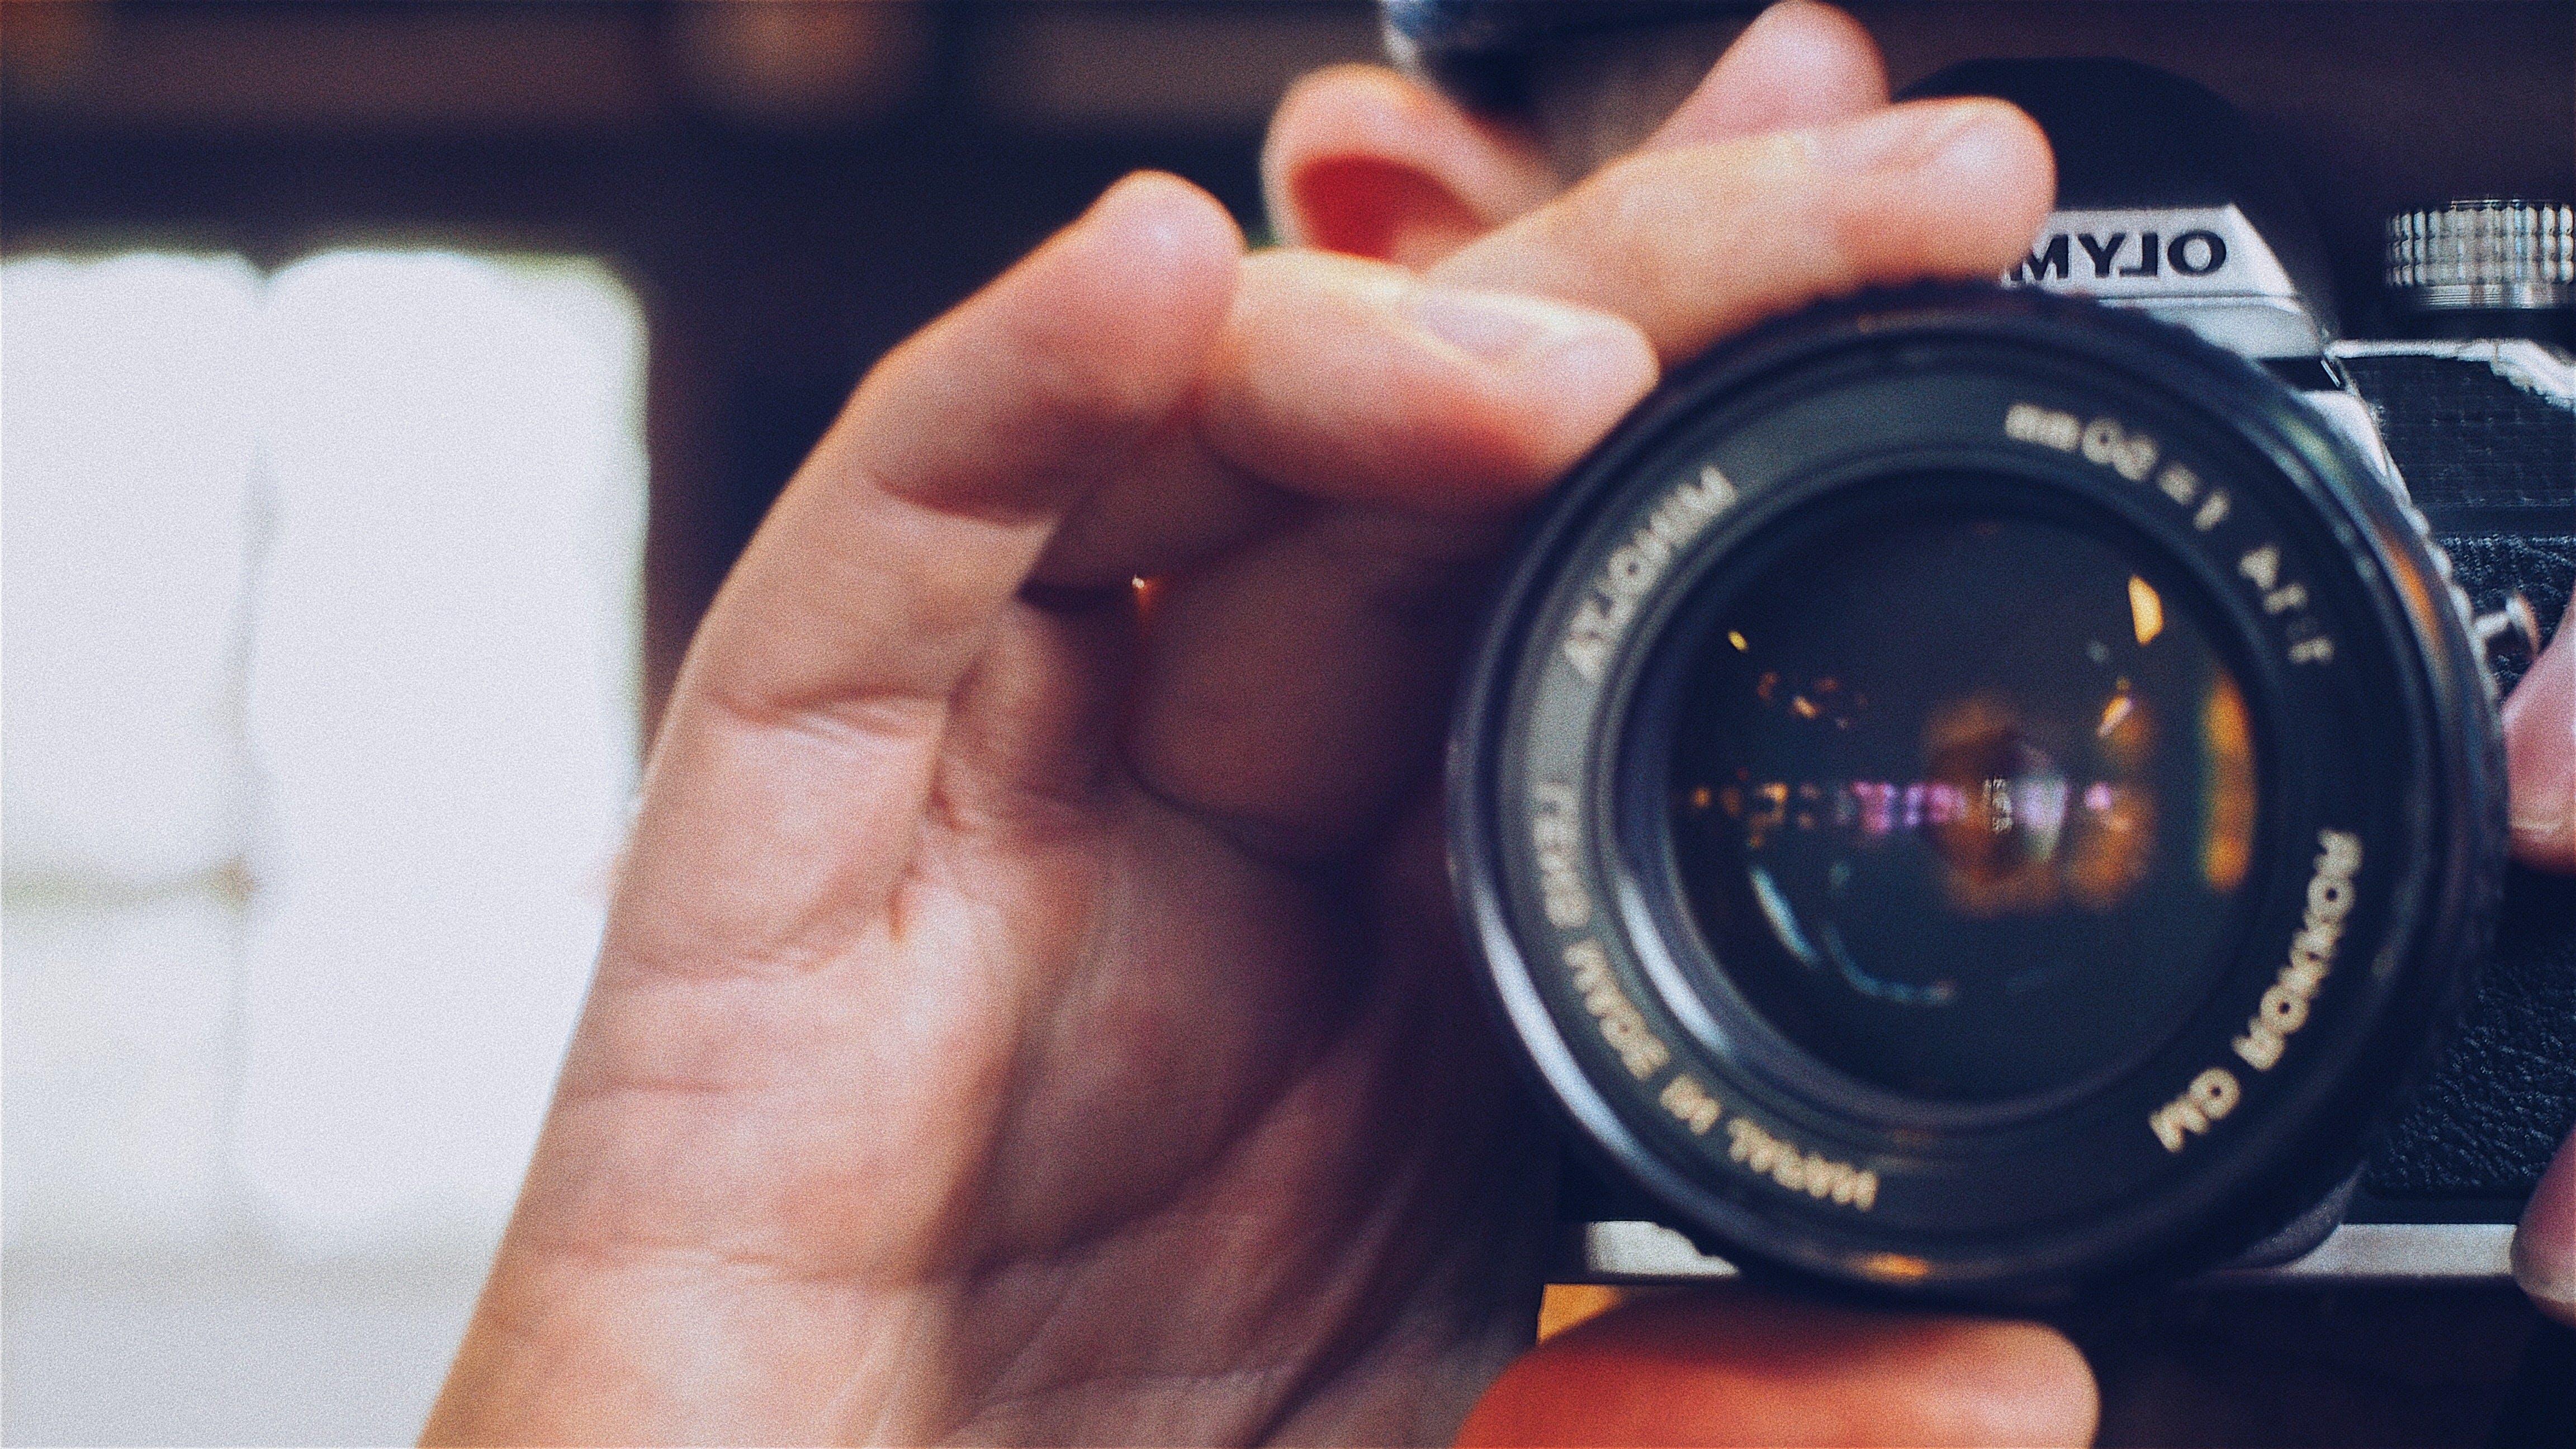 Δωρεάν στοκ φωτογραφιών με olympus, άνθρωπος, γκρο πλαν, εξοπλισμός